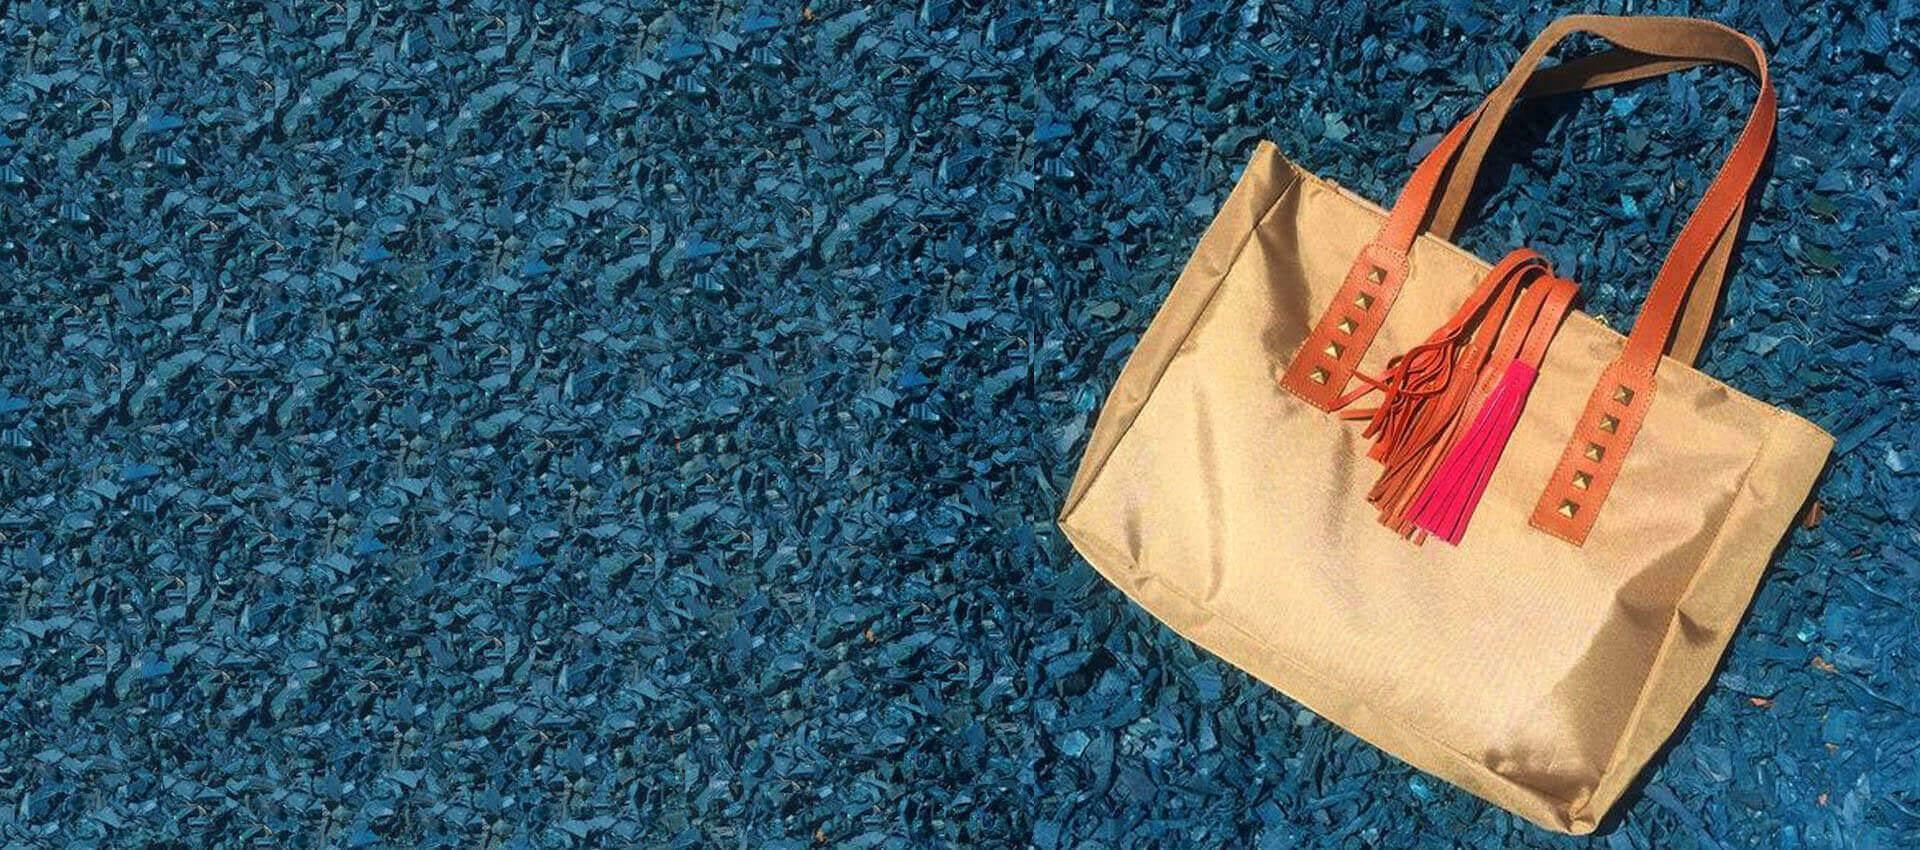 Handbag_leather_fashion_lima_peru-handbags_leather_beige_naria-handbags-leather-lima-peru